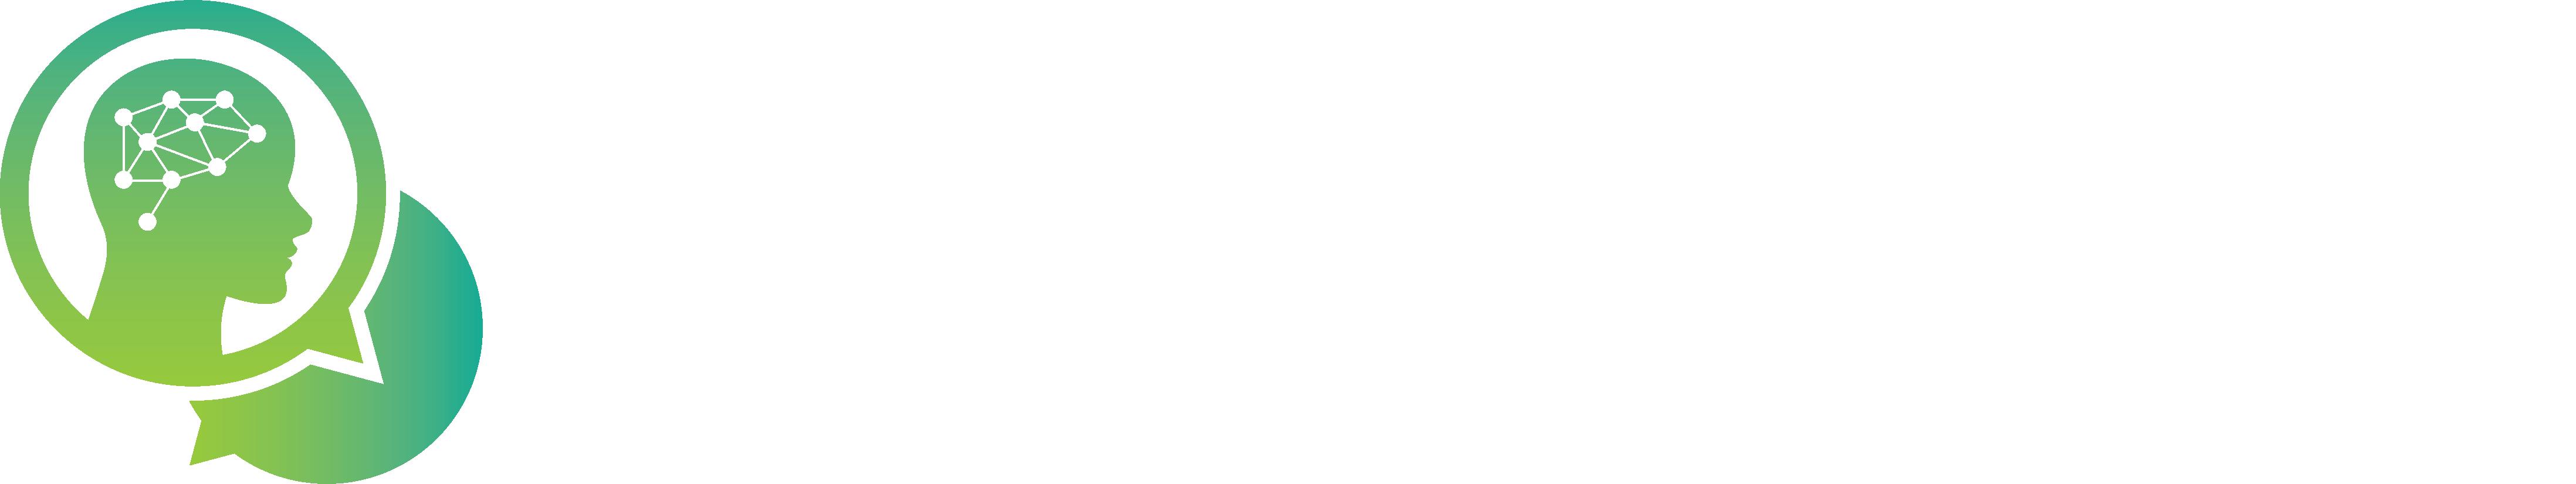 kNOwDRINKING.net